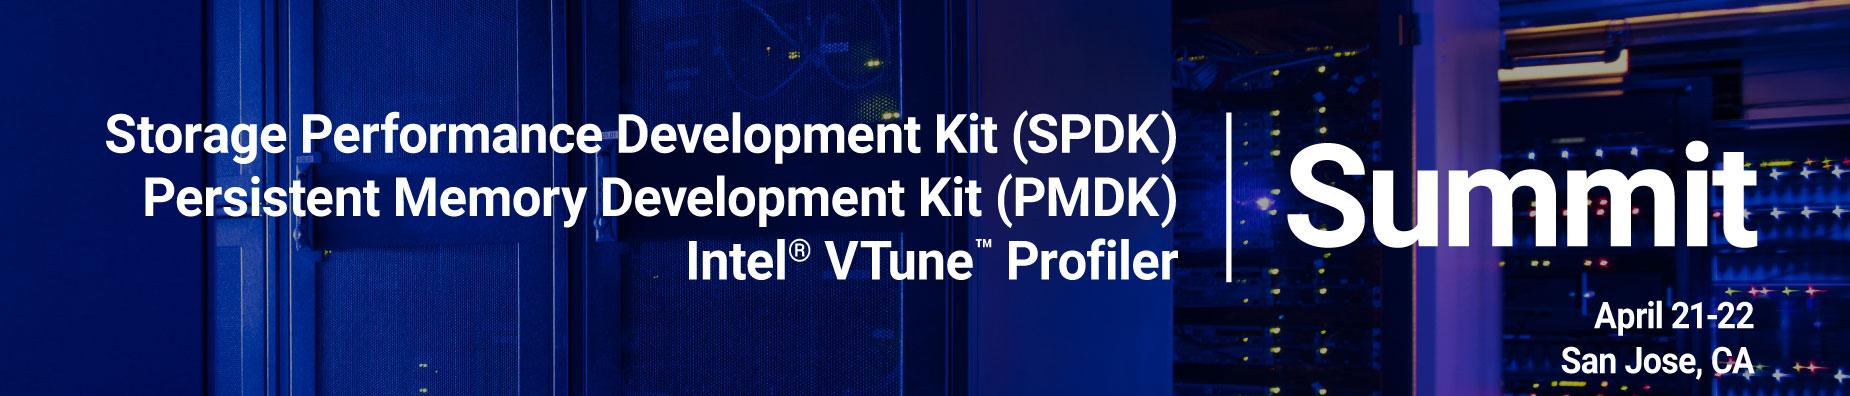 2020 SPDK, PMDK & VTune™ Profiler US Summit